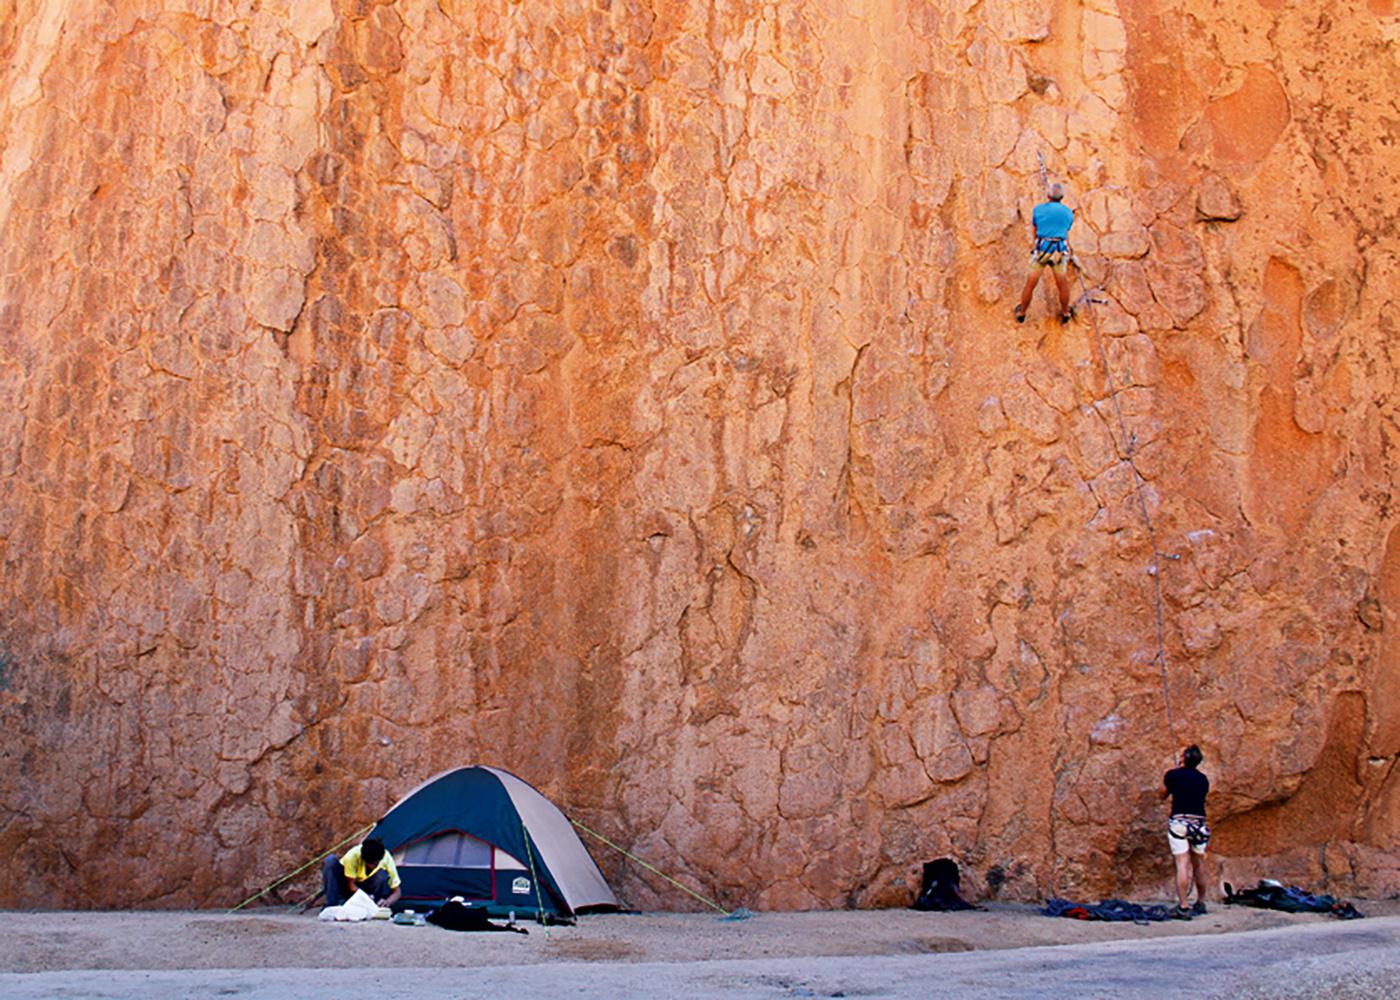 Namibie, une personne escalade une paroie de granite, assurée par une autre, leur tente à proximité.